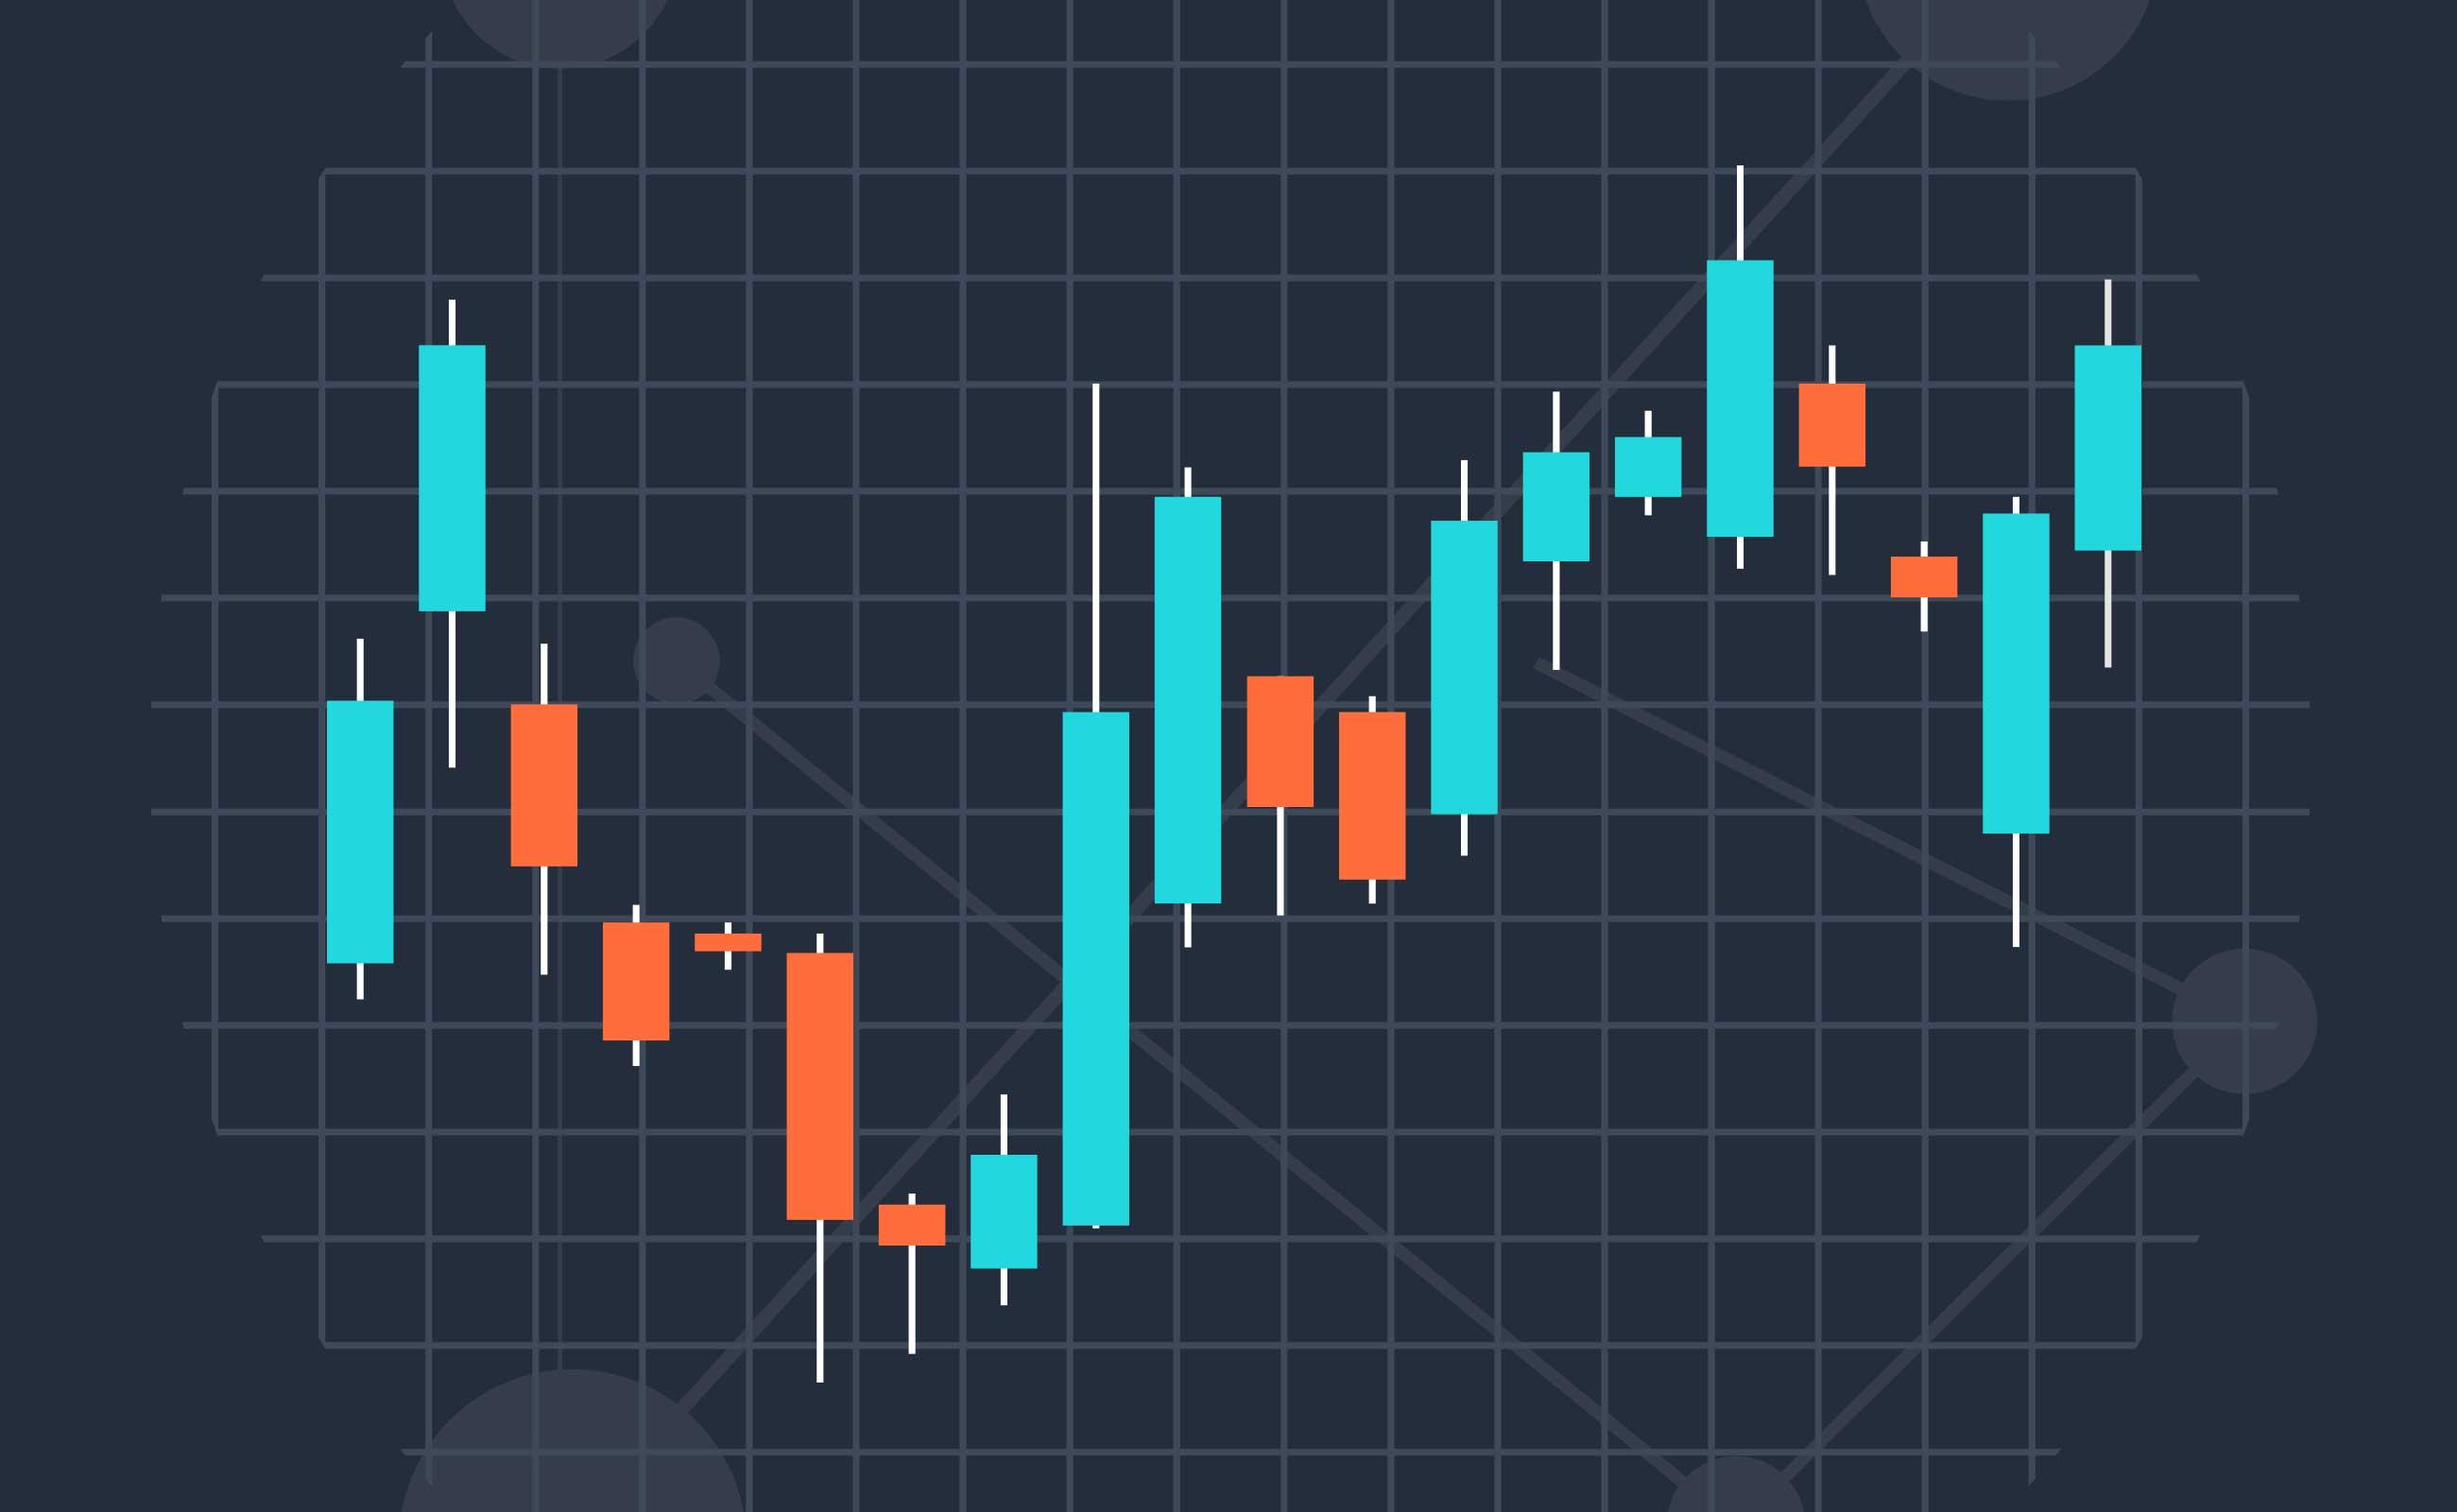 A股弱势盘整跌0.11% 国产芯片等题材持续活跃